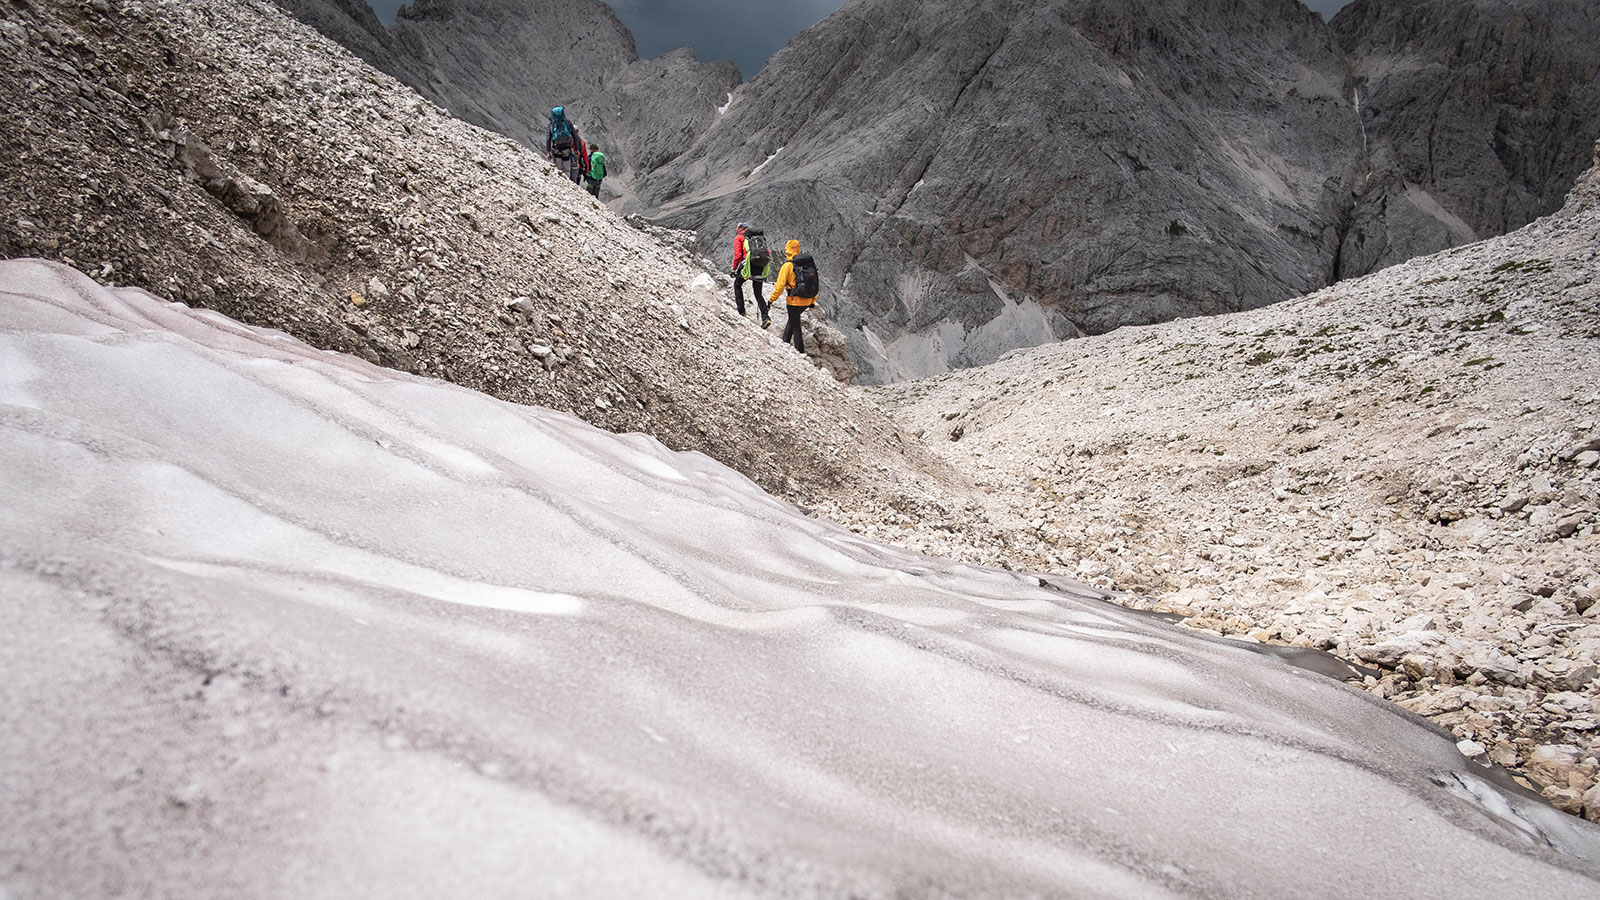 Durchwandern. Dolomiten | Pauli Trenkwalder, Berge & Psychologie